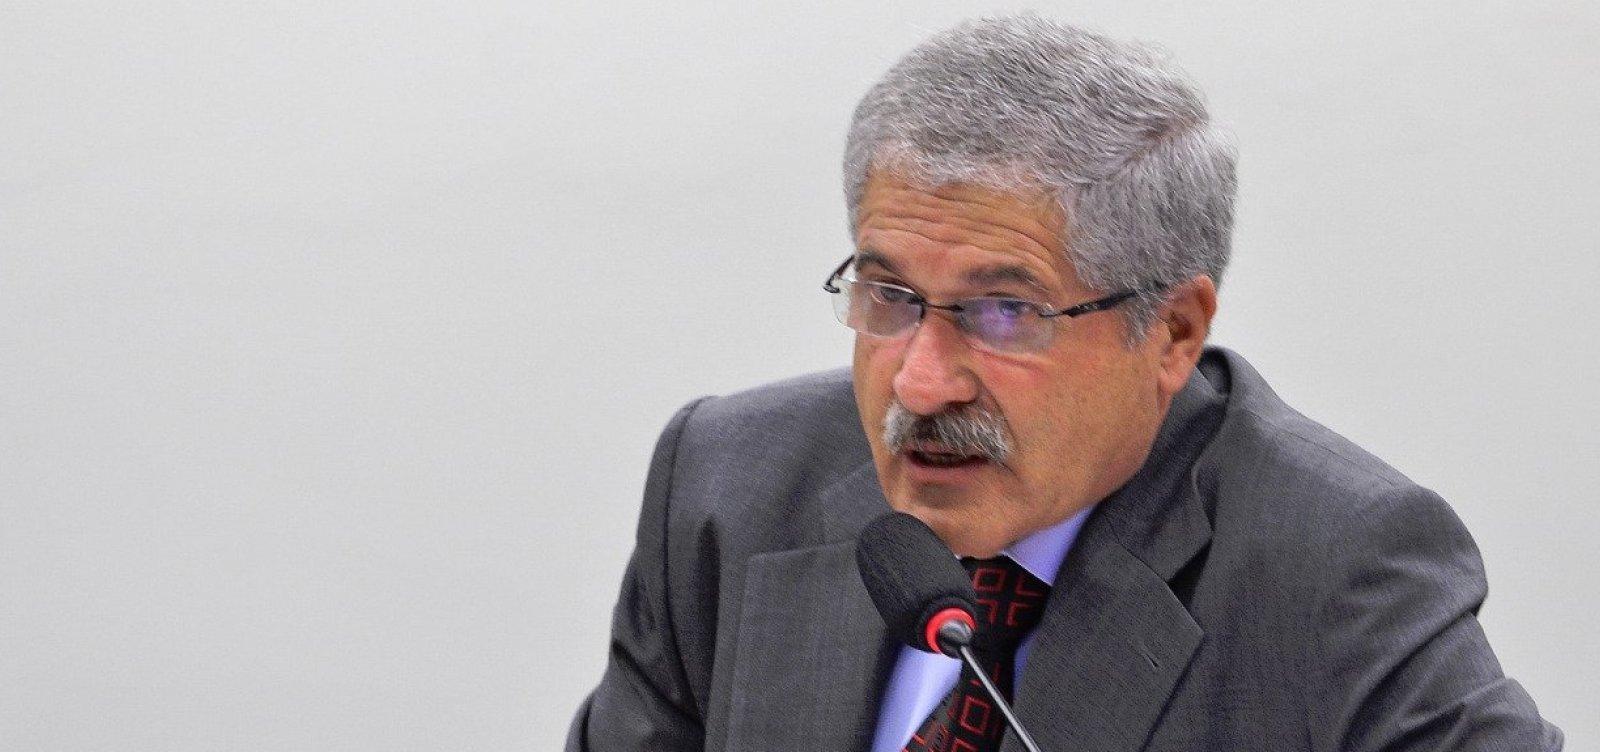 Líder do PR diz que Alckmin não decola por falta de 'contato com o povo'